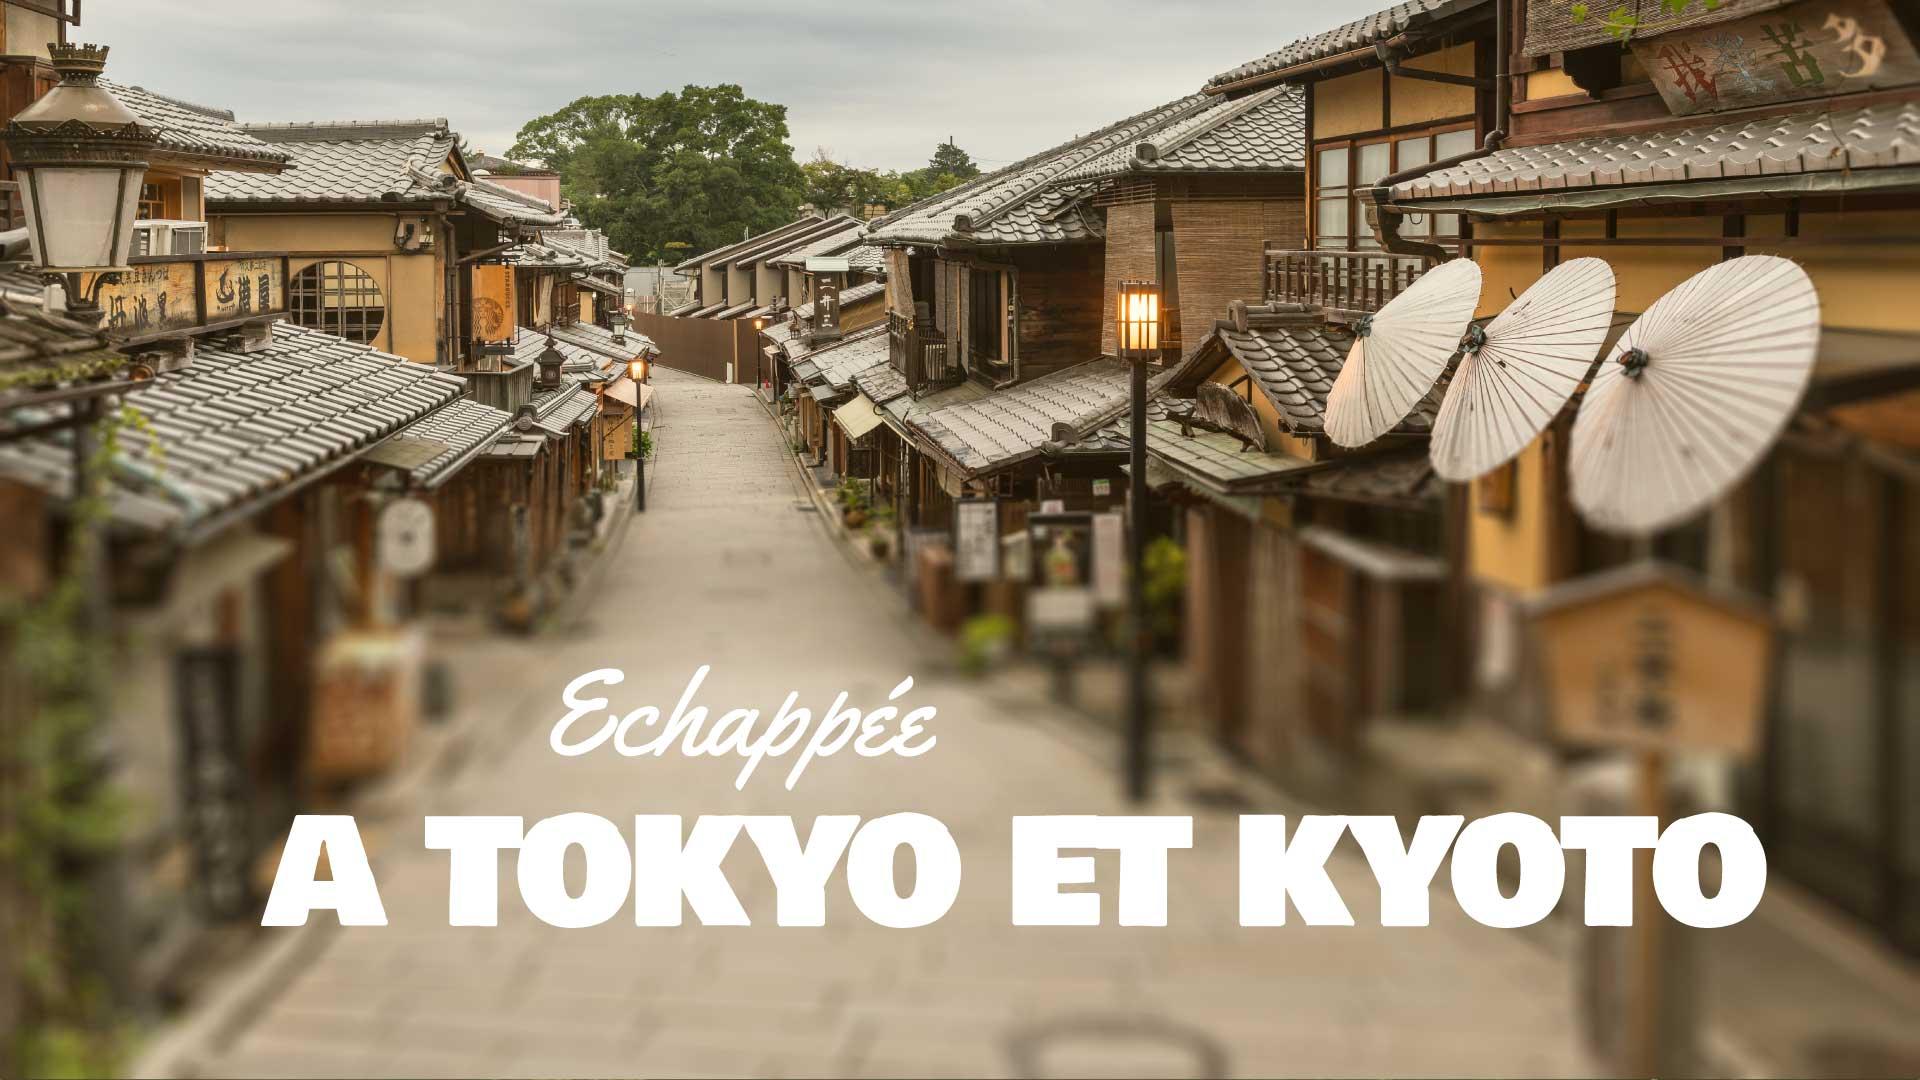 Echappée à Tokyo et Kyoto